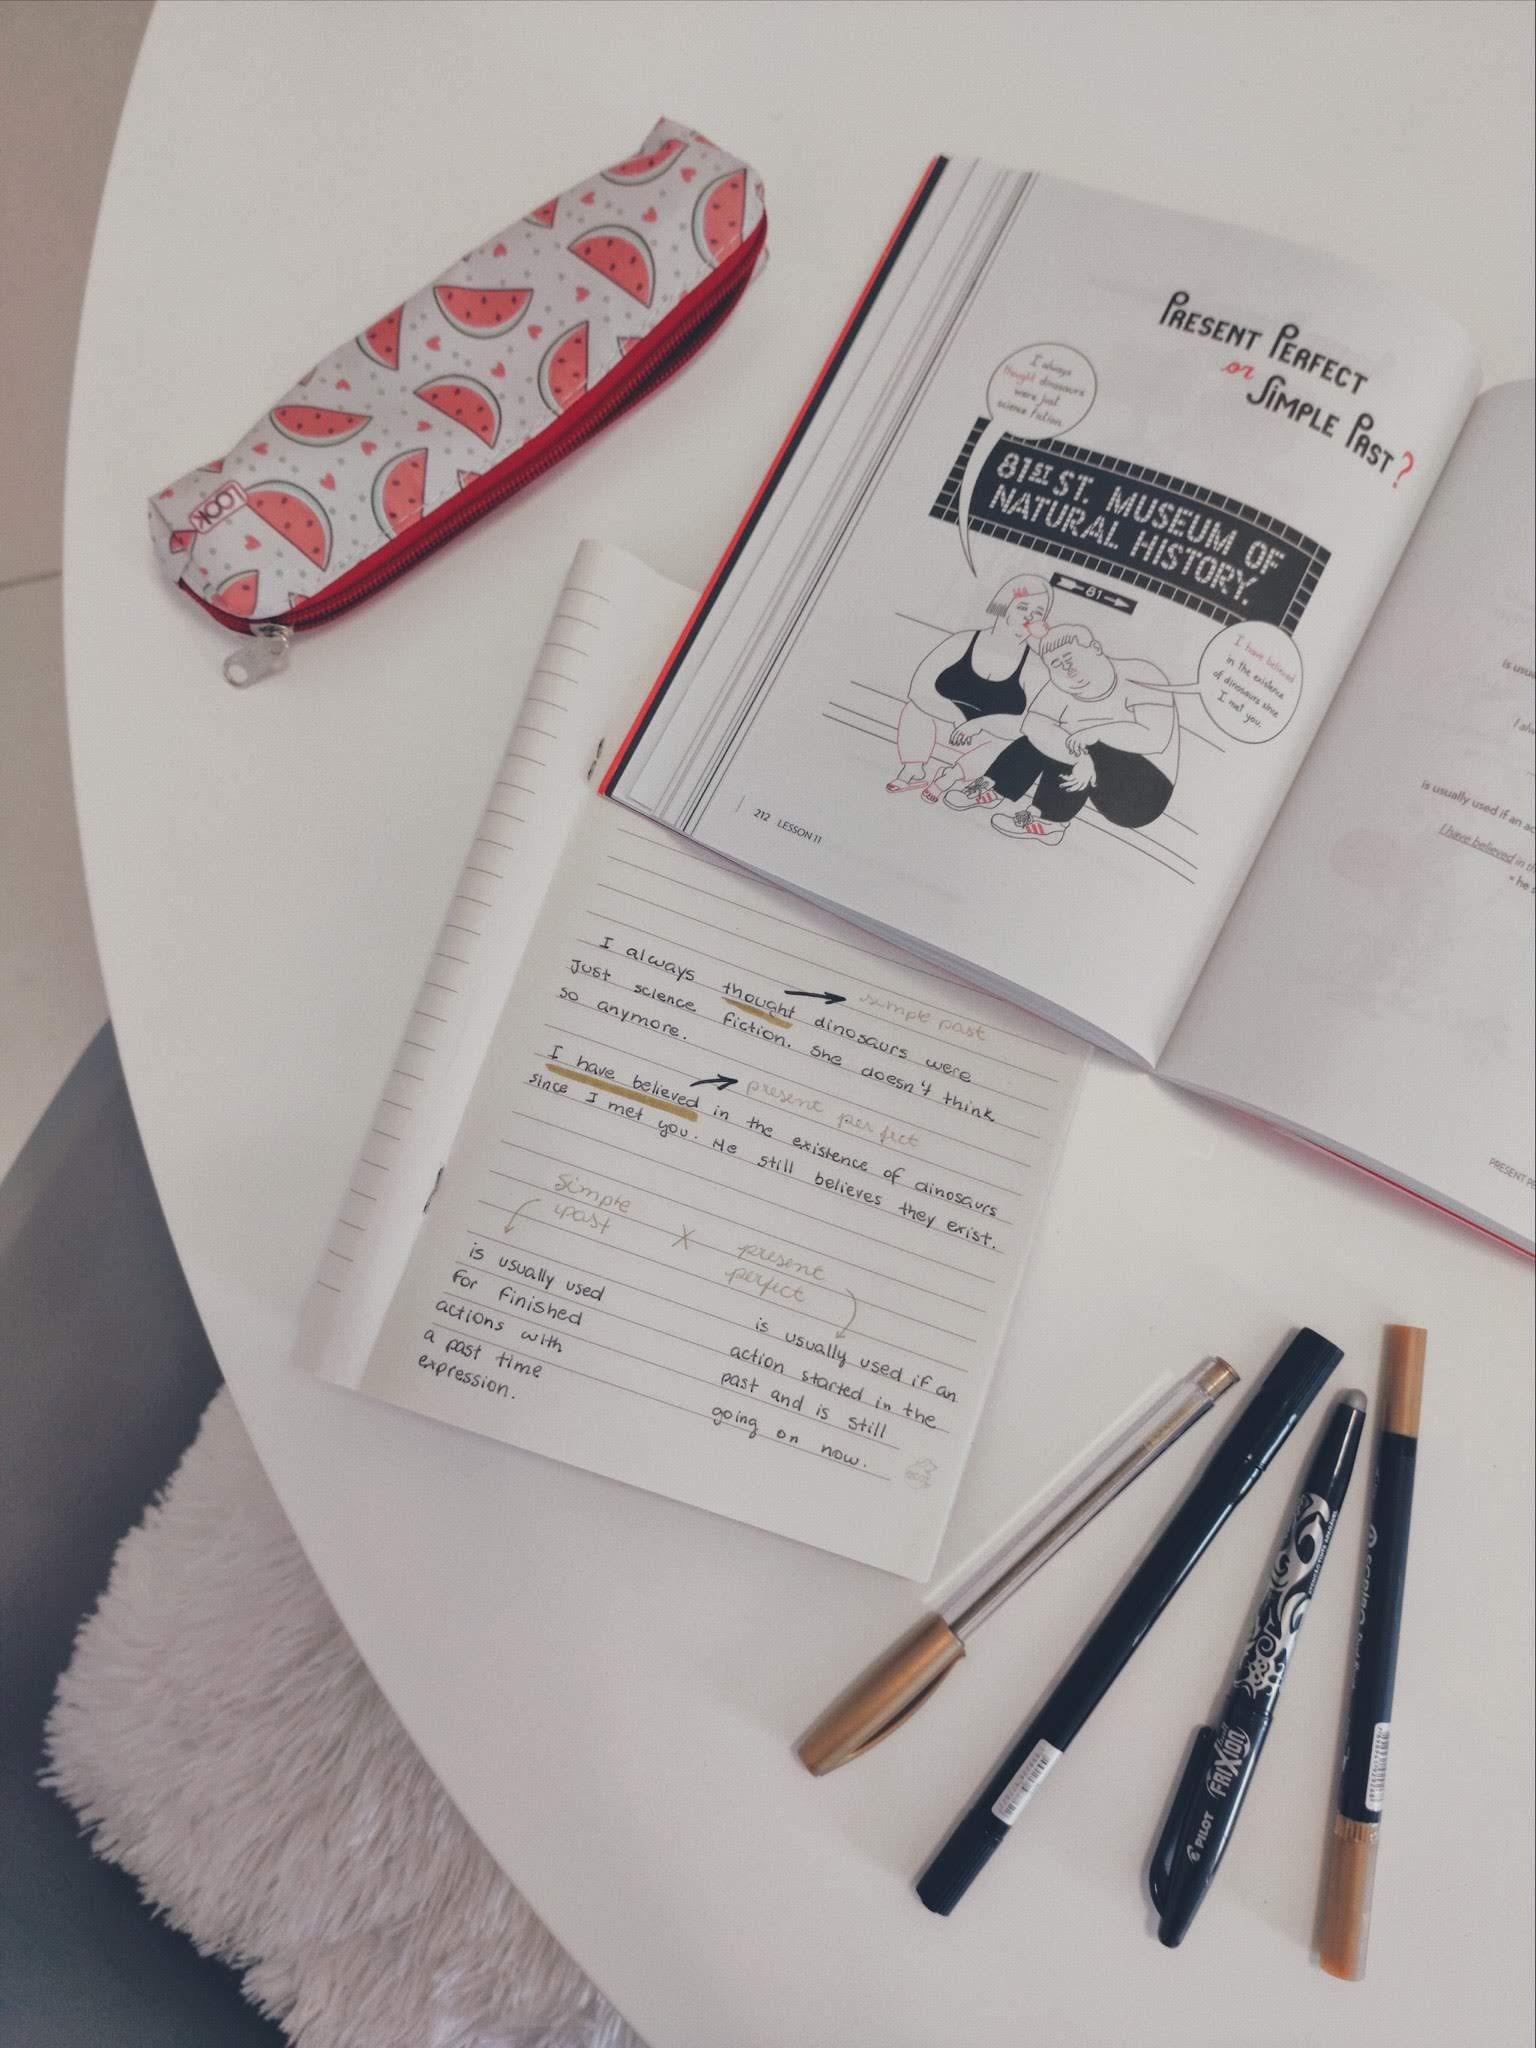 rotina de estudo inglês